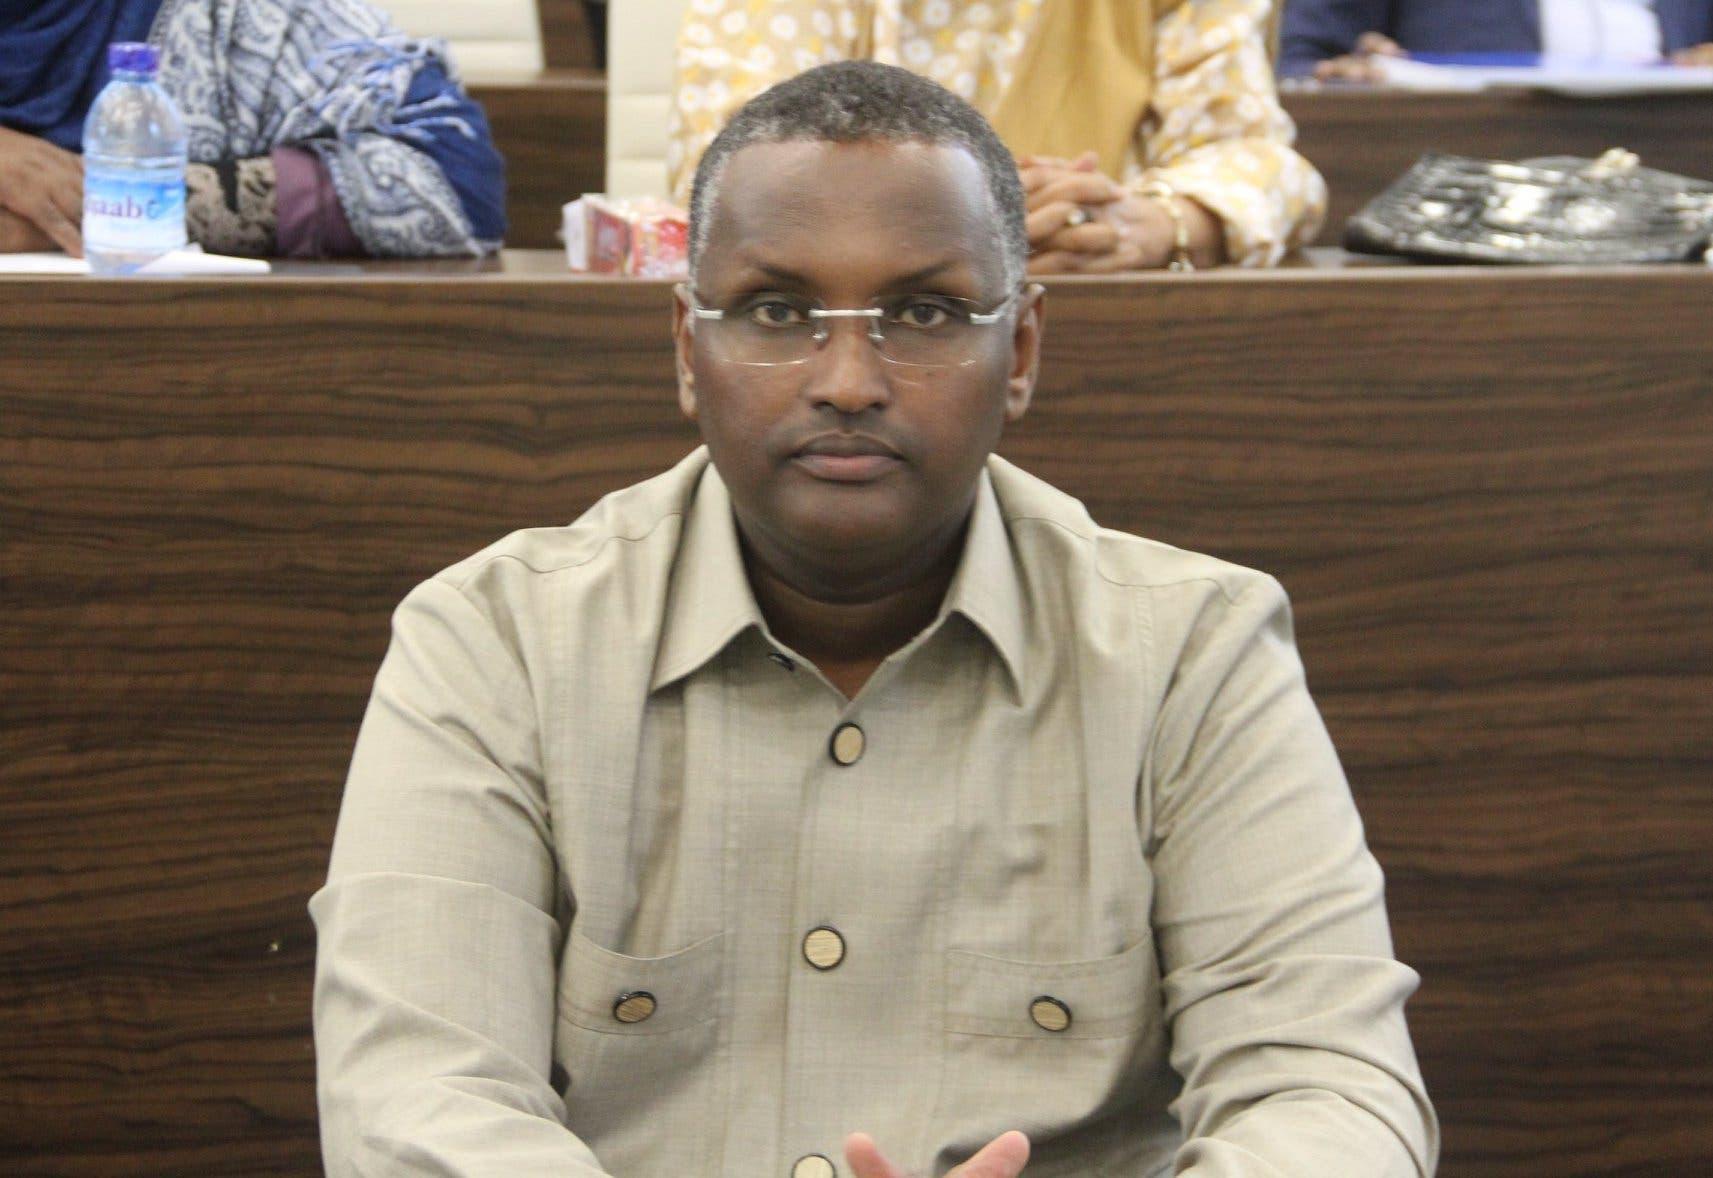 Mahad Salad oo shaaciyey xog argagax leh oo la xiriirta askartii la geeyey Eritrea